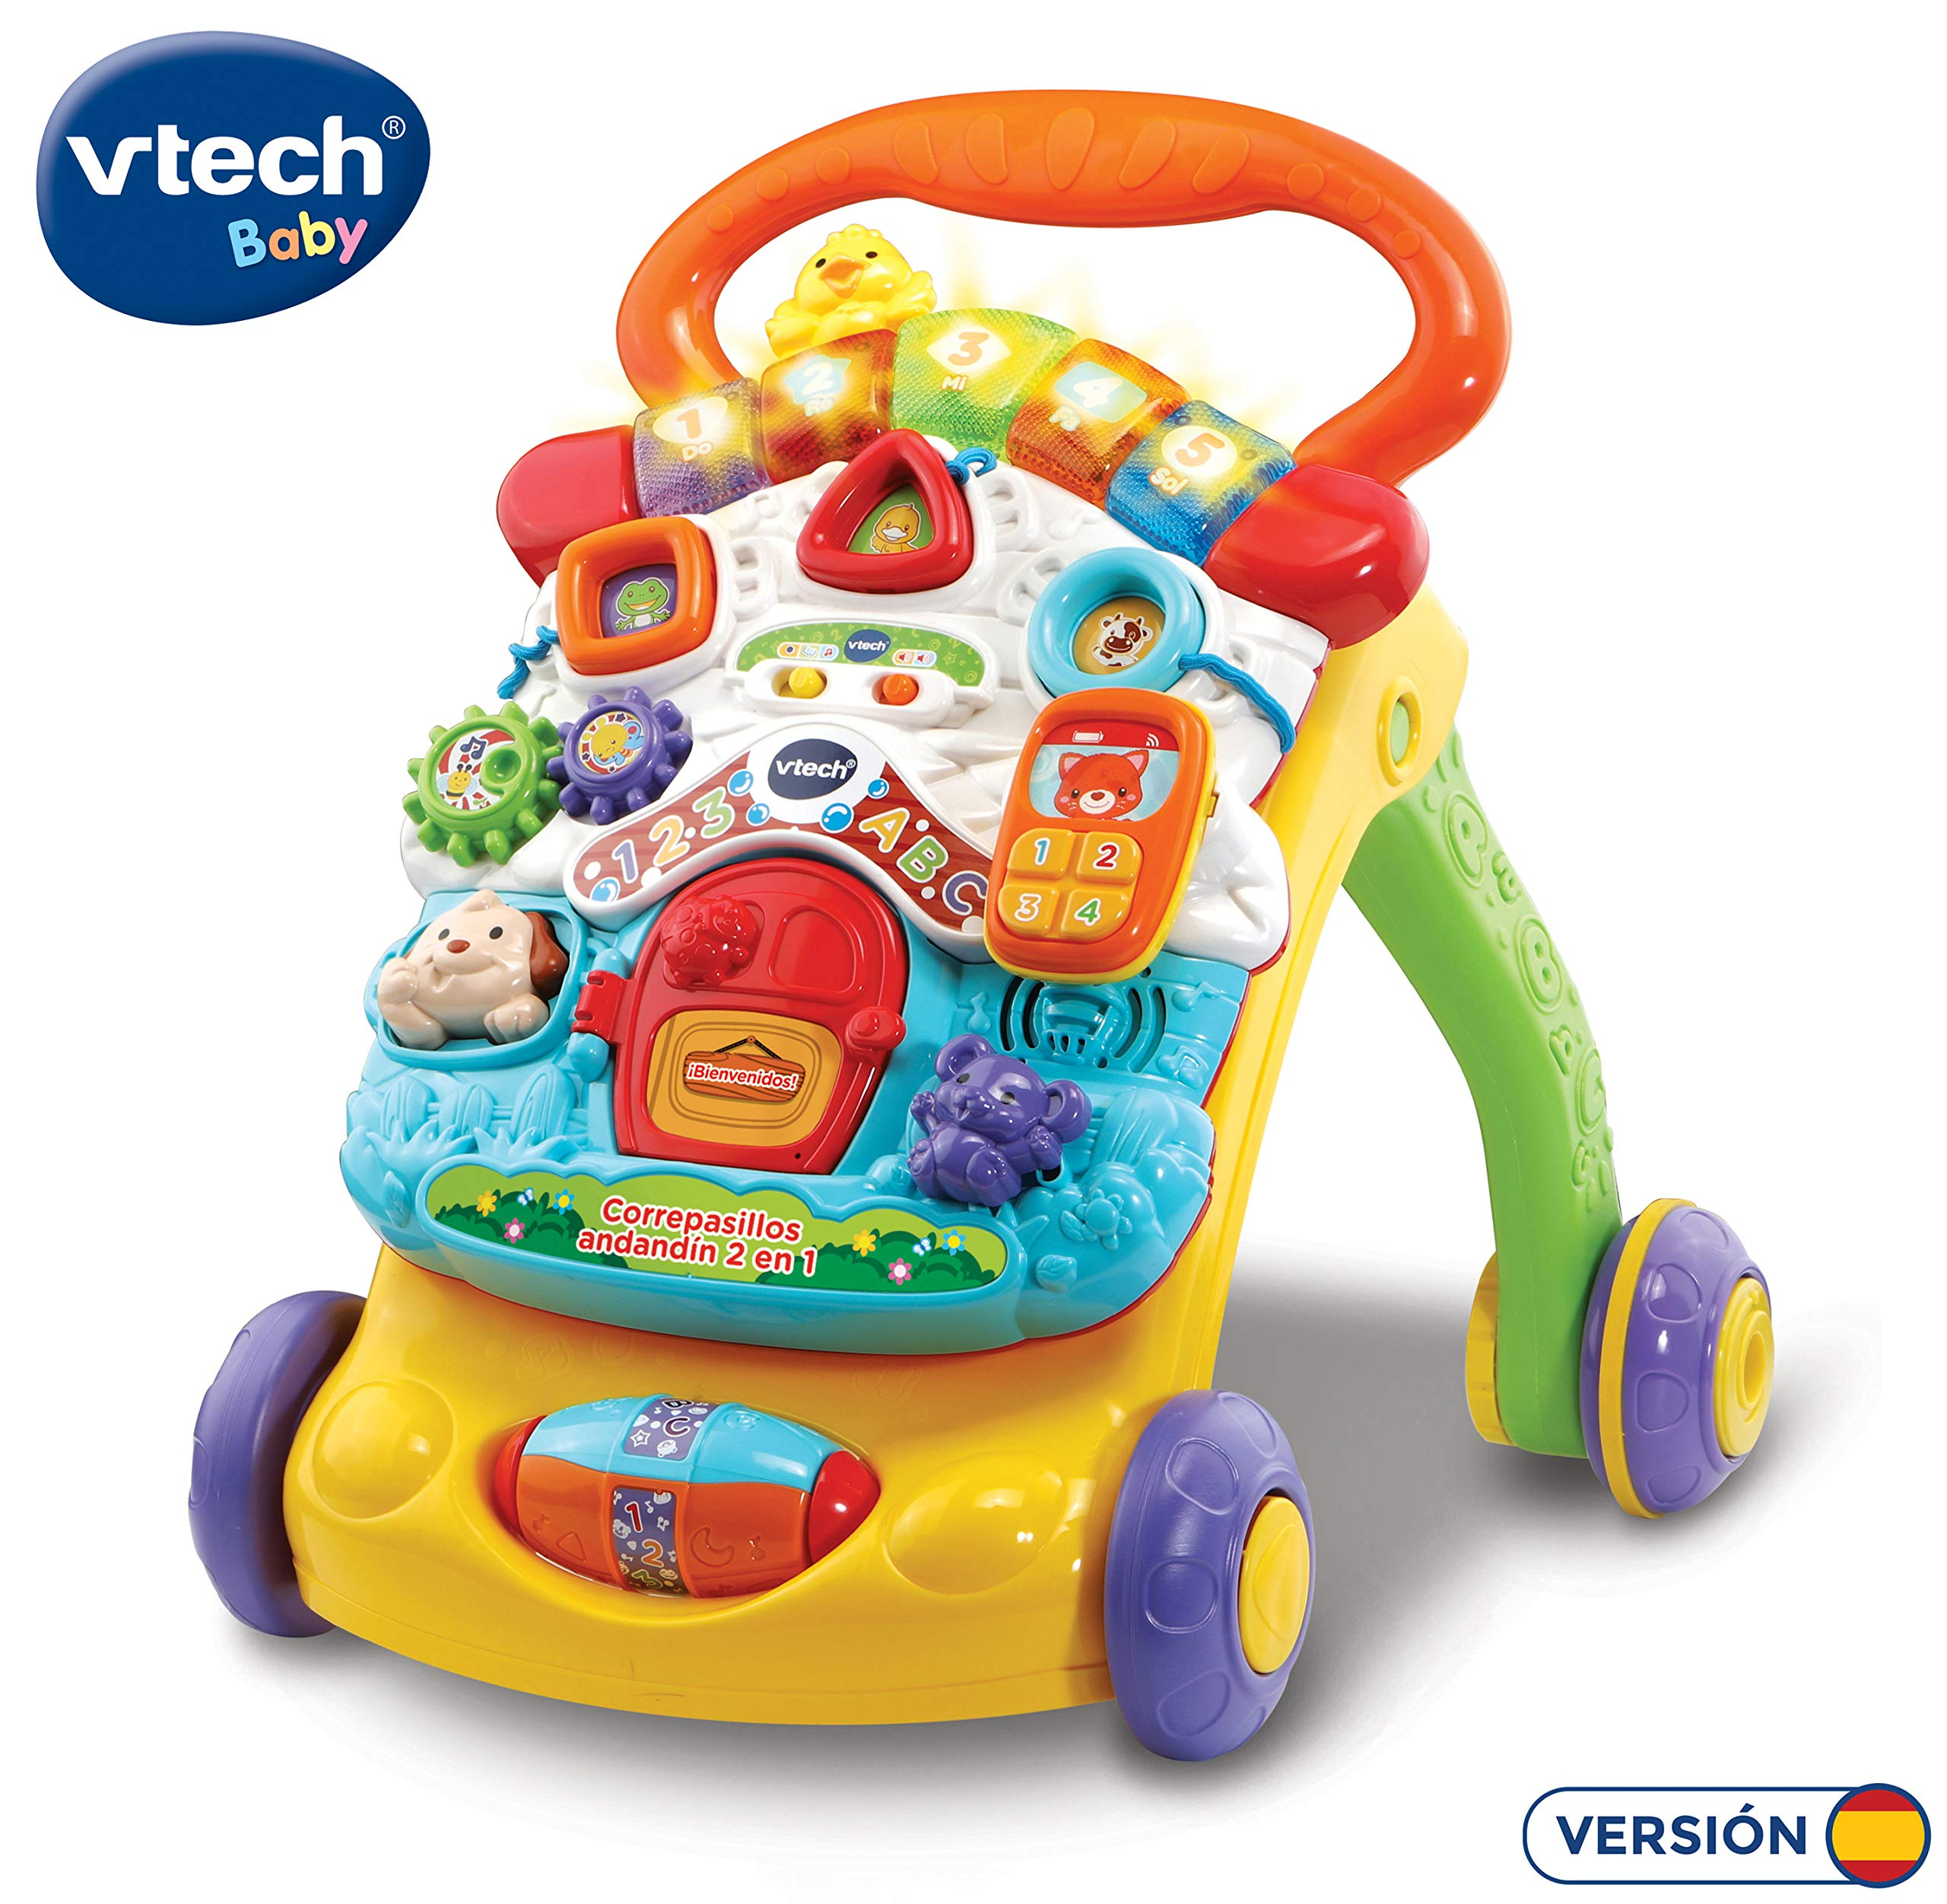 VTech – Correpasillos Andandín 2 en 1, Diseño Mejorado, Andador Bebé InTeractivo Plegable y Regulador de Velocidad, Multicolor (80-505622) , color/modelo surtido